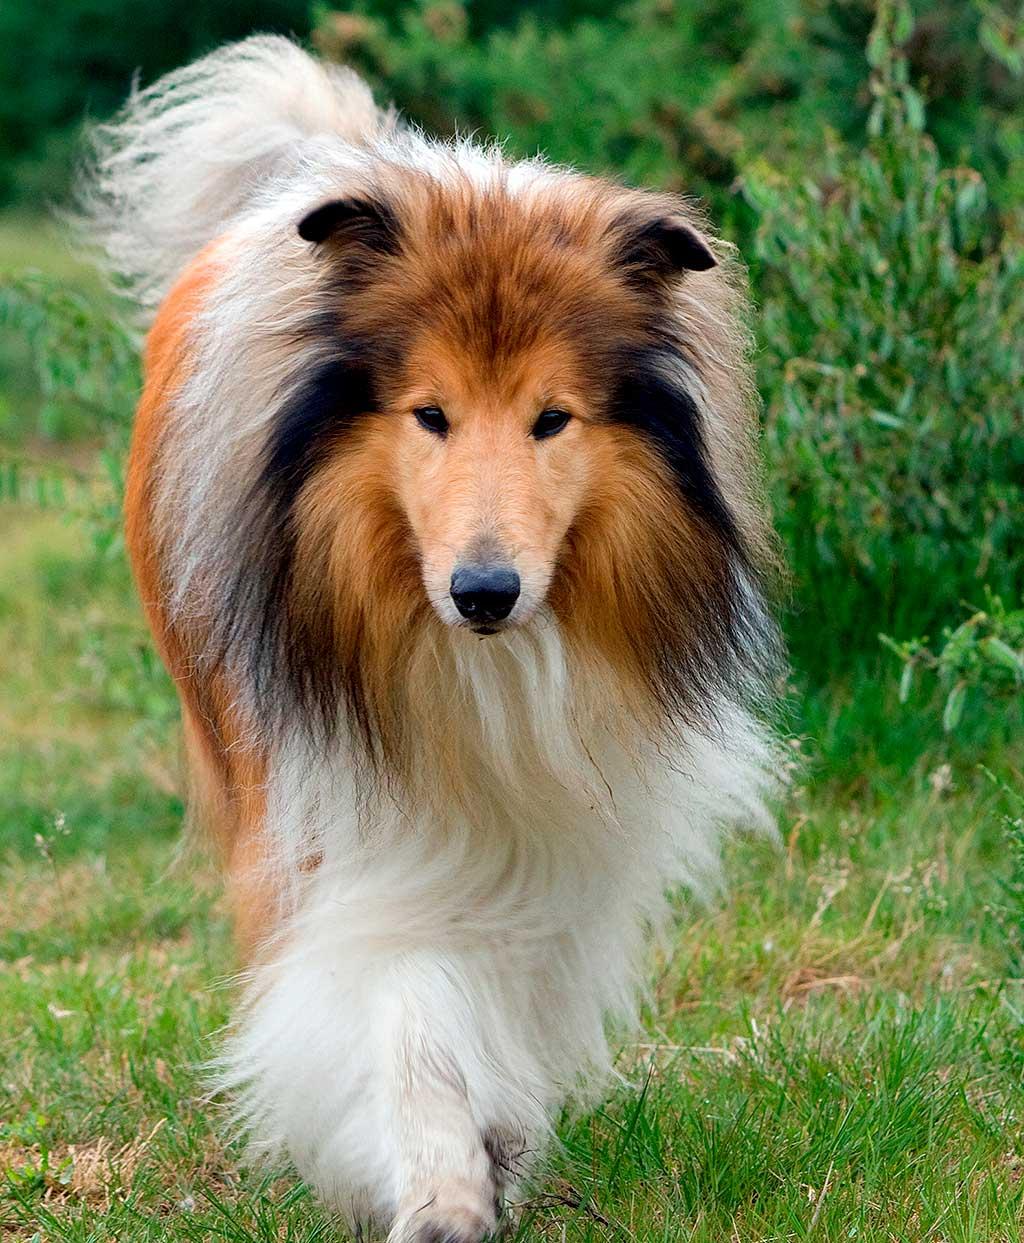 Las razas de perros más agresivas son... Factores que afectan a la agresividad en perros de raza